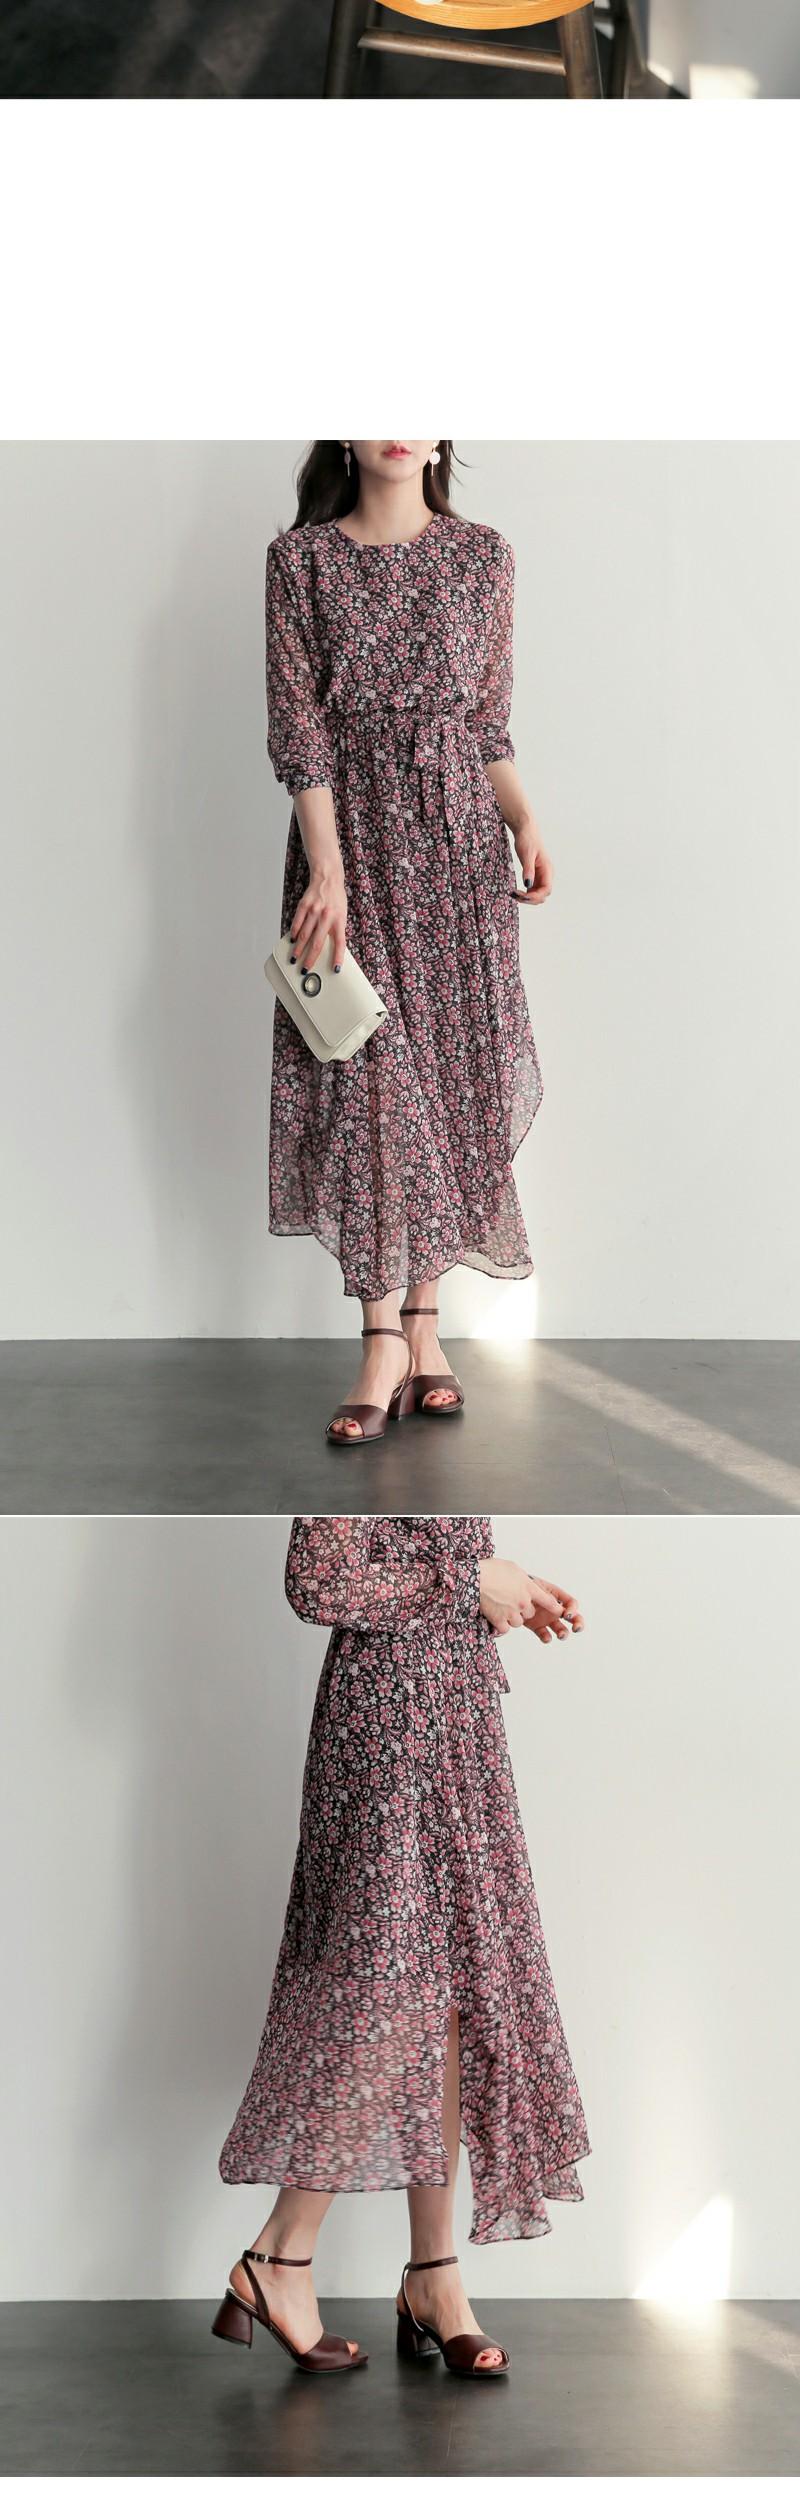 Ritena shoes